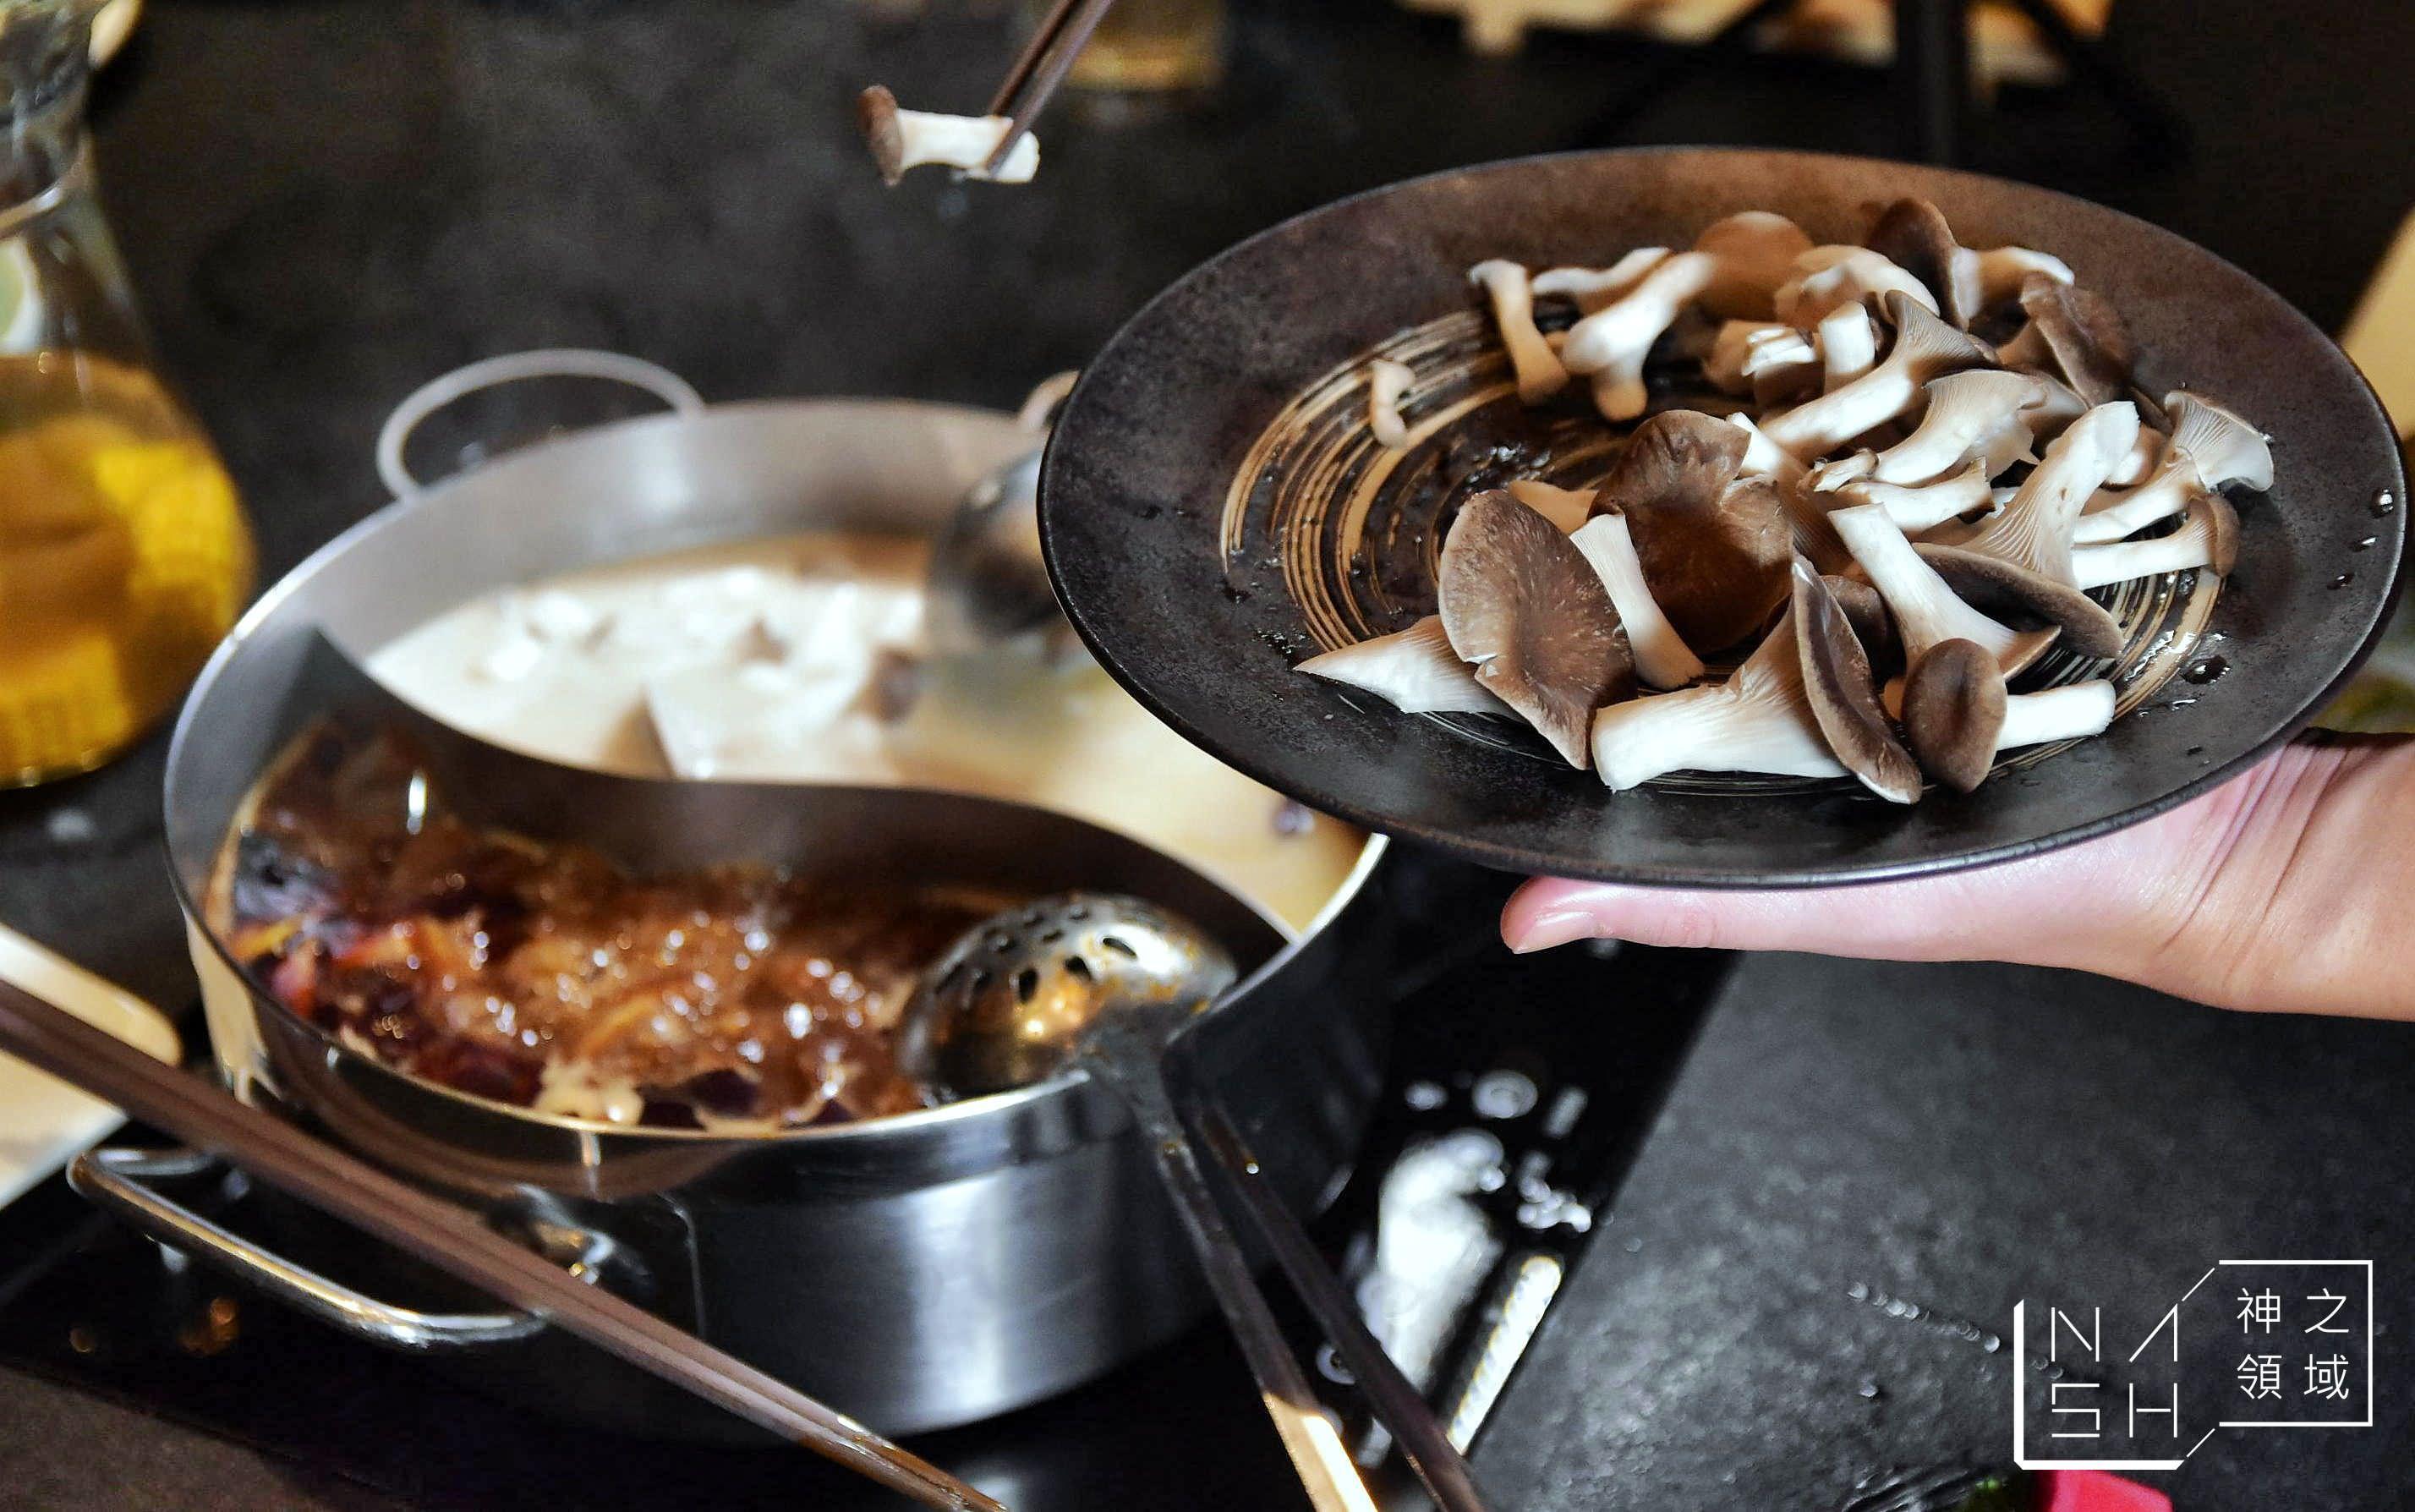 撈王,撈王鍋物料理,撈王菜單,撈王價錢